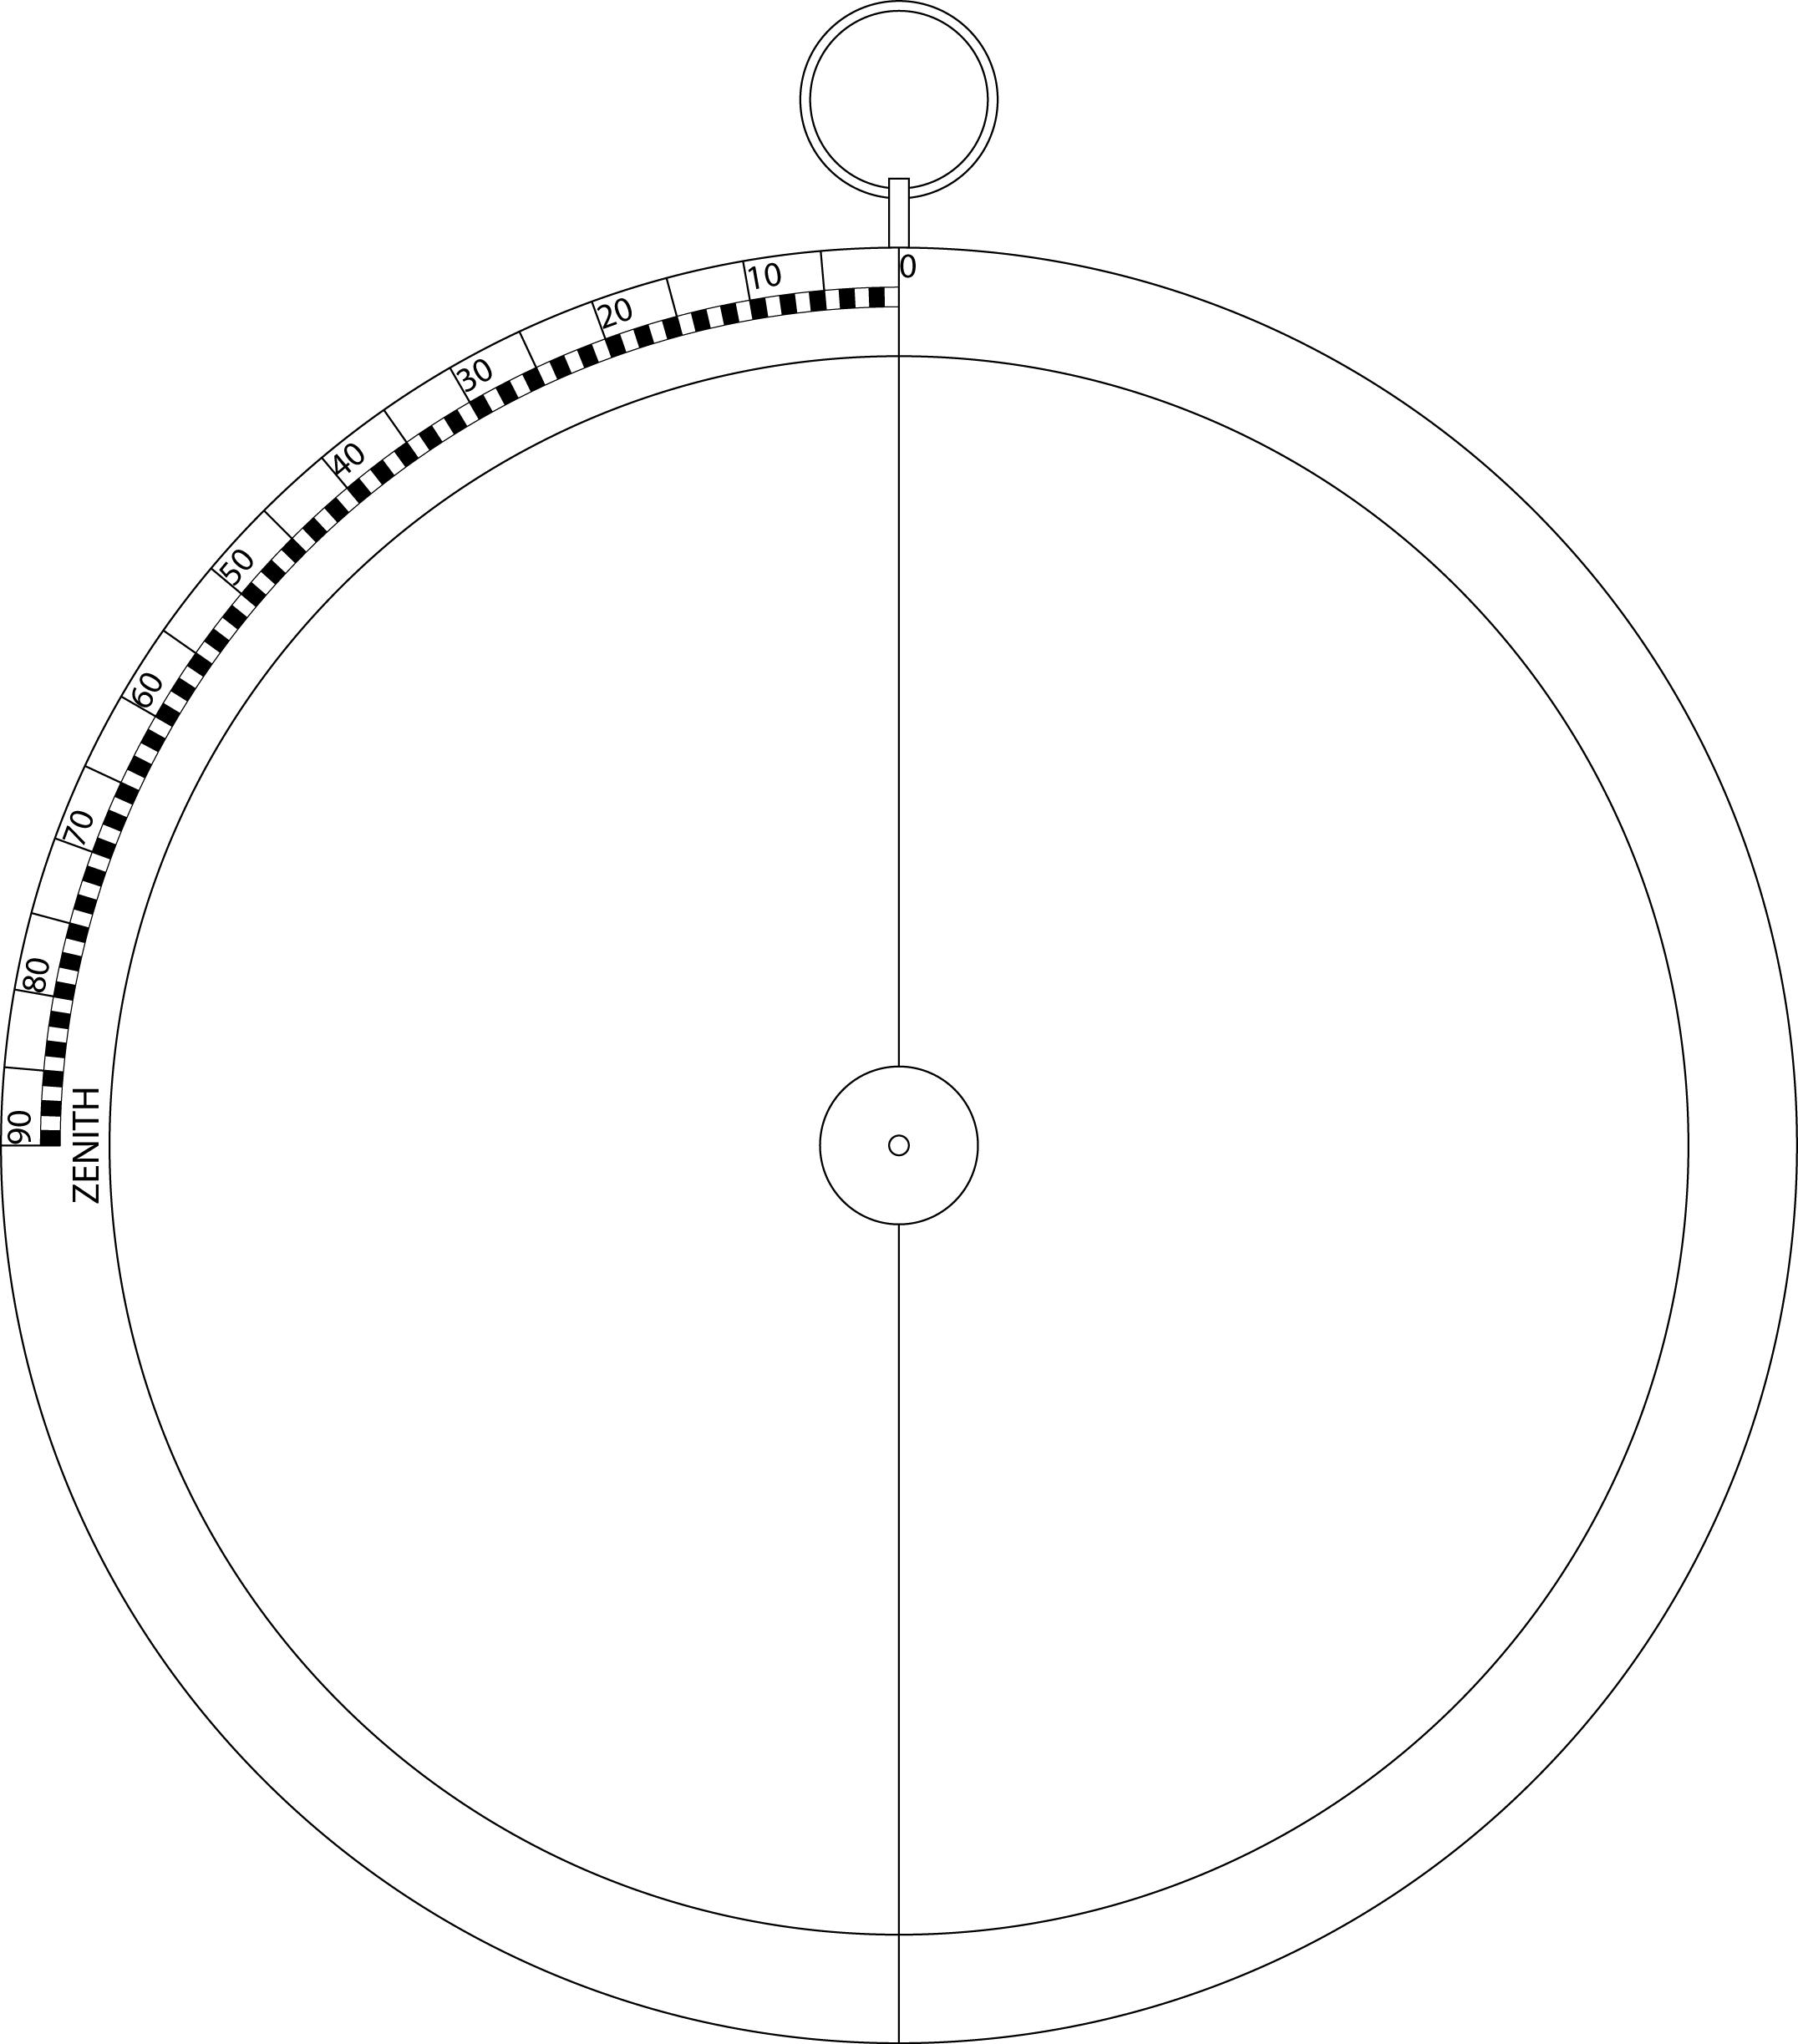 Patron de la volvelle «sphère plate universelle» (1/4 )